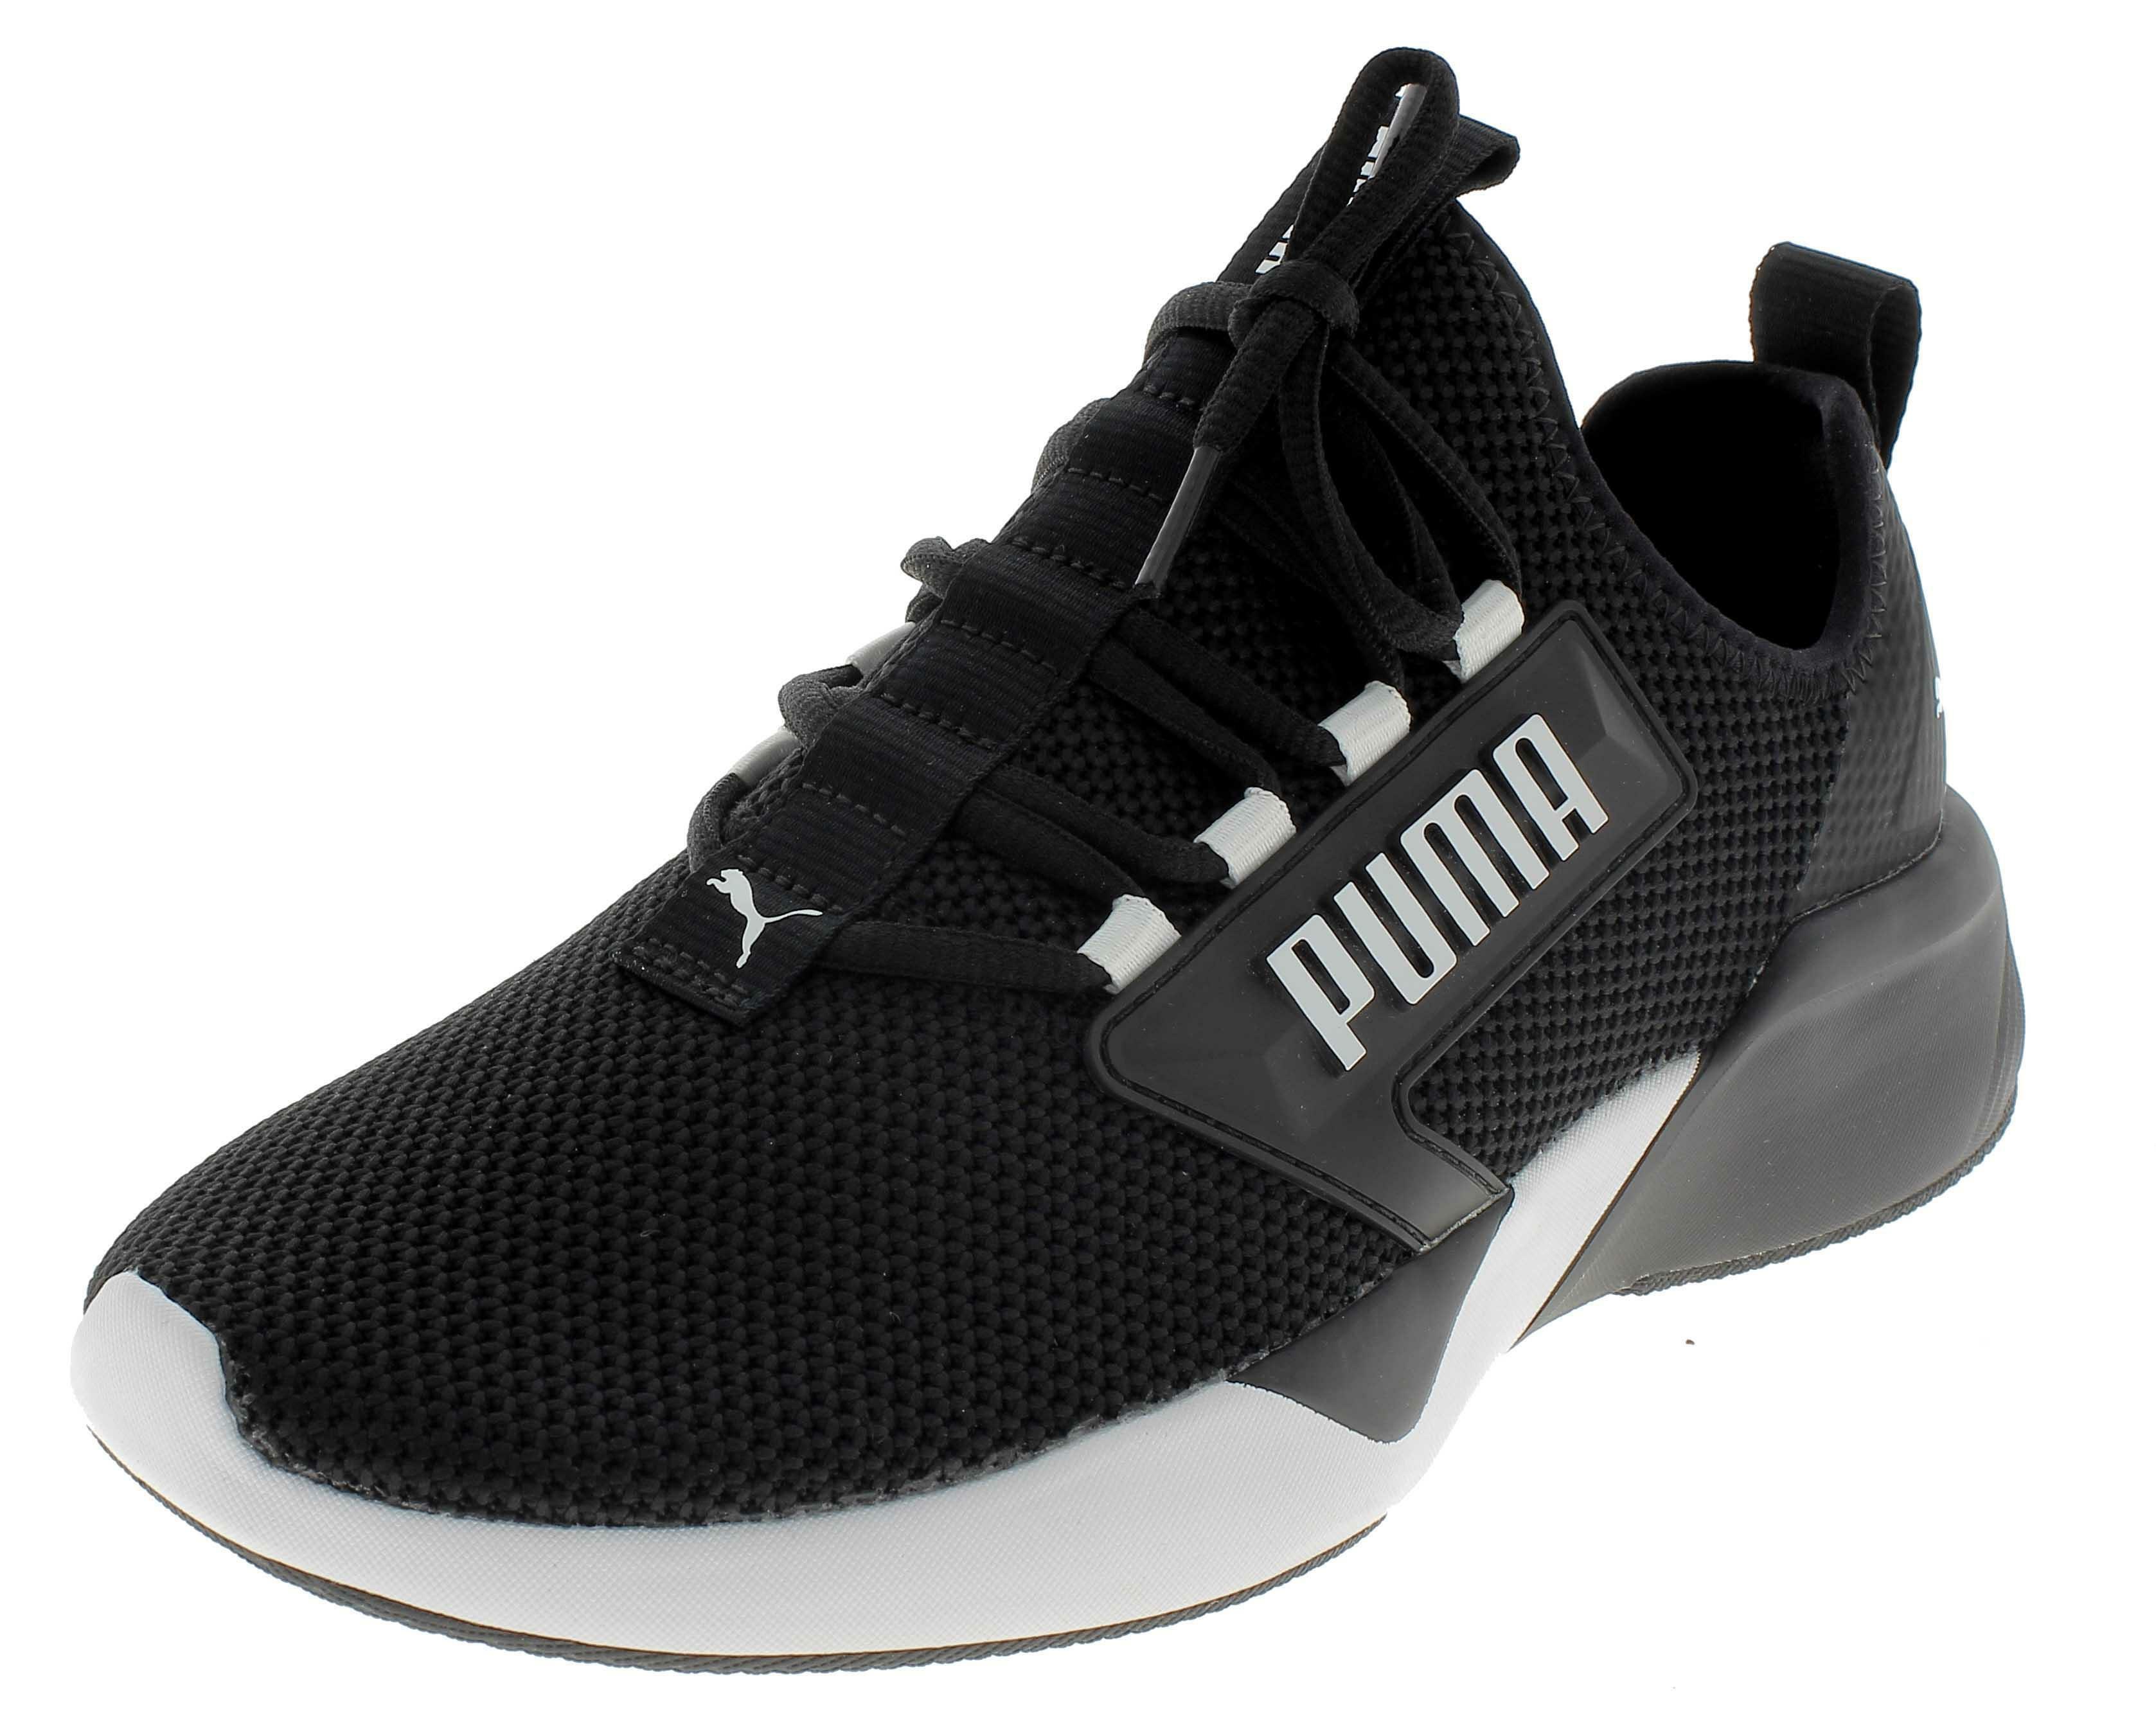 comprare popolare bee75 43593 Puma retaliate scarpe sportive uomo nere 19234001